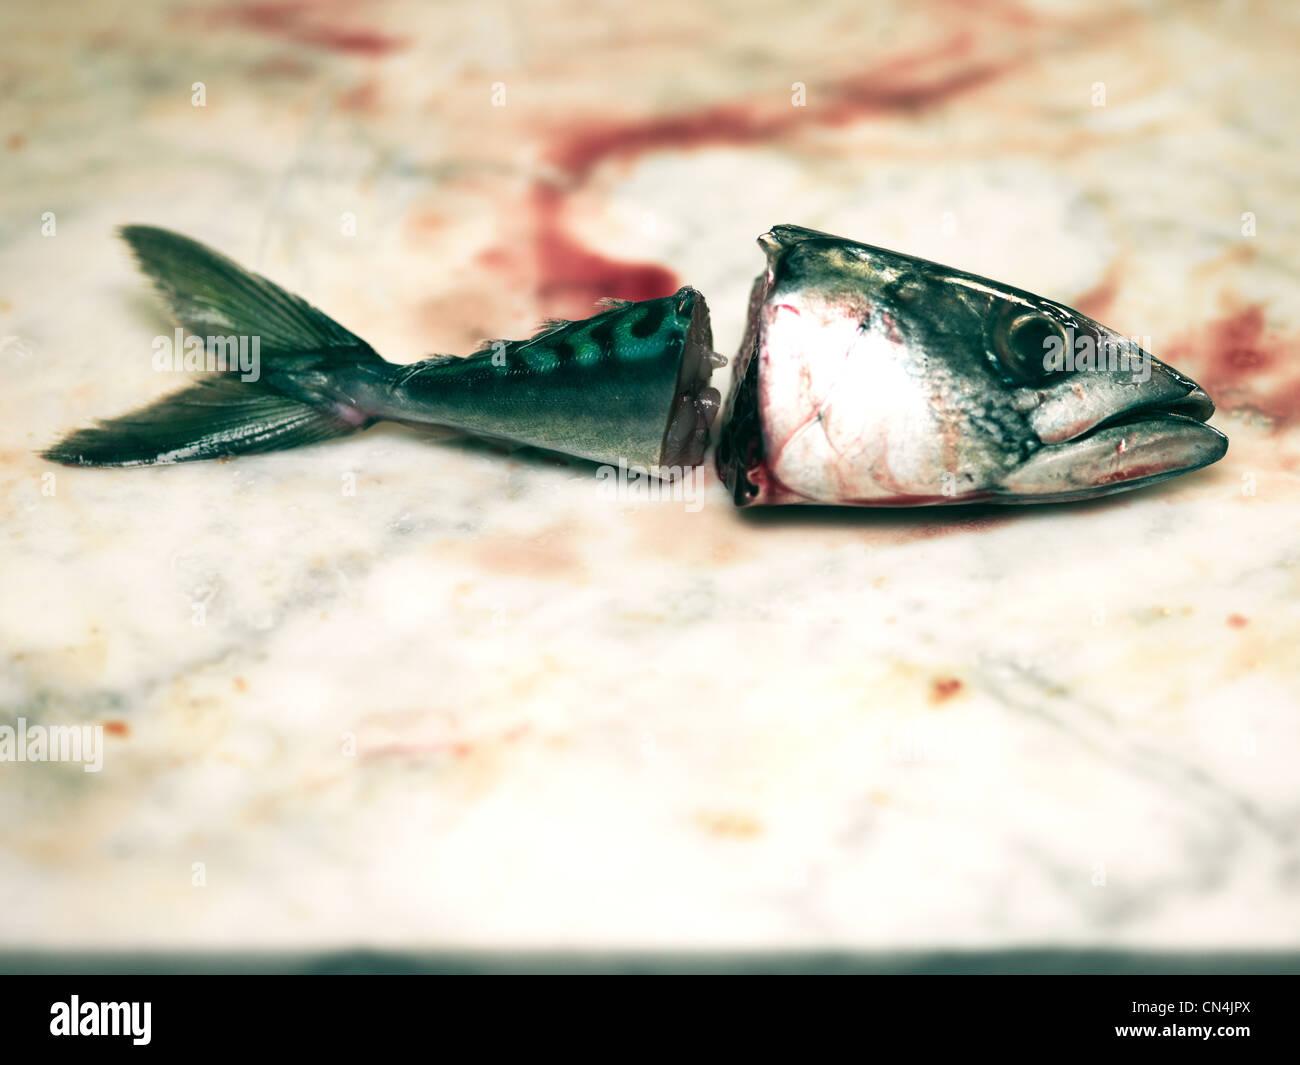 Kopf und Schweif von Fischen Stockbild